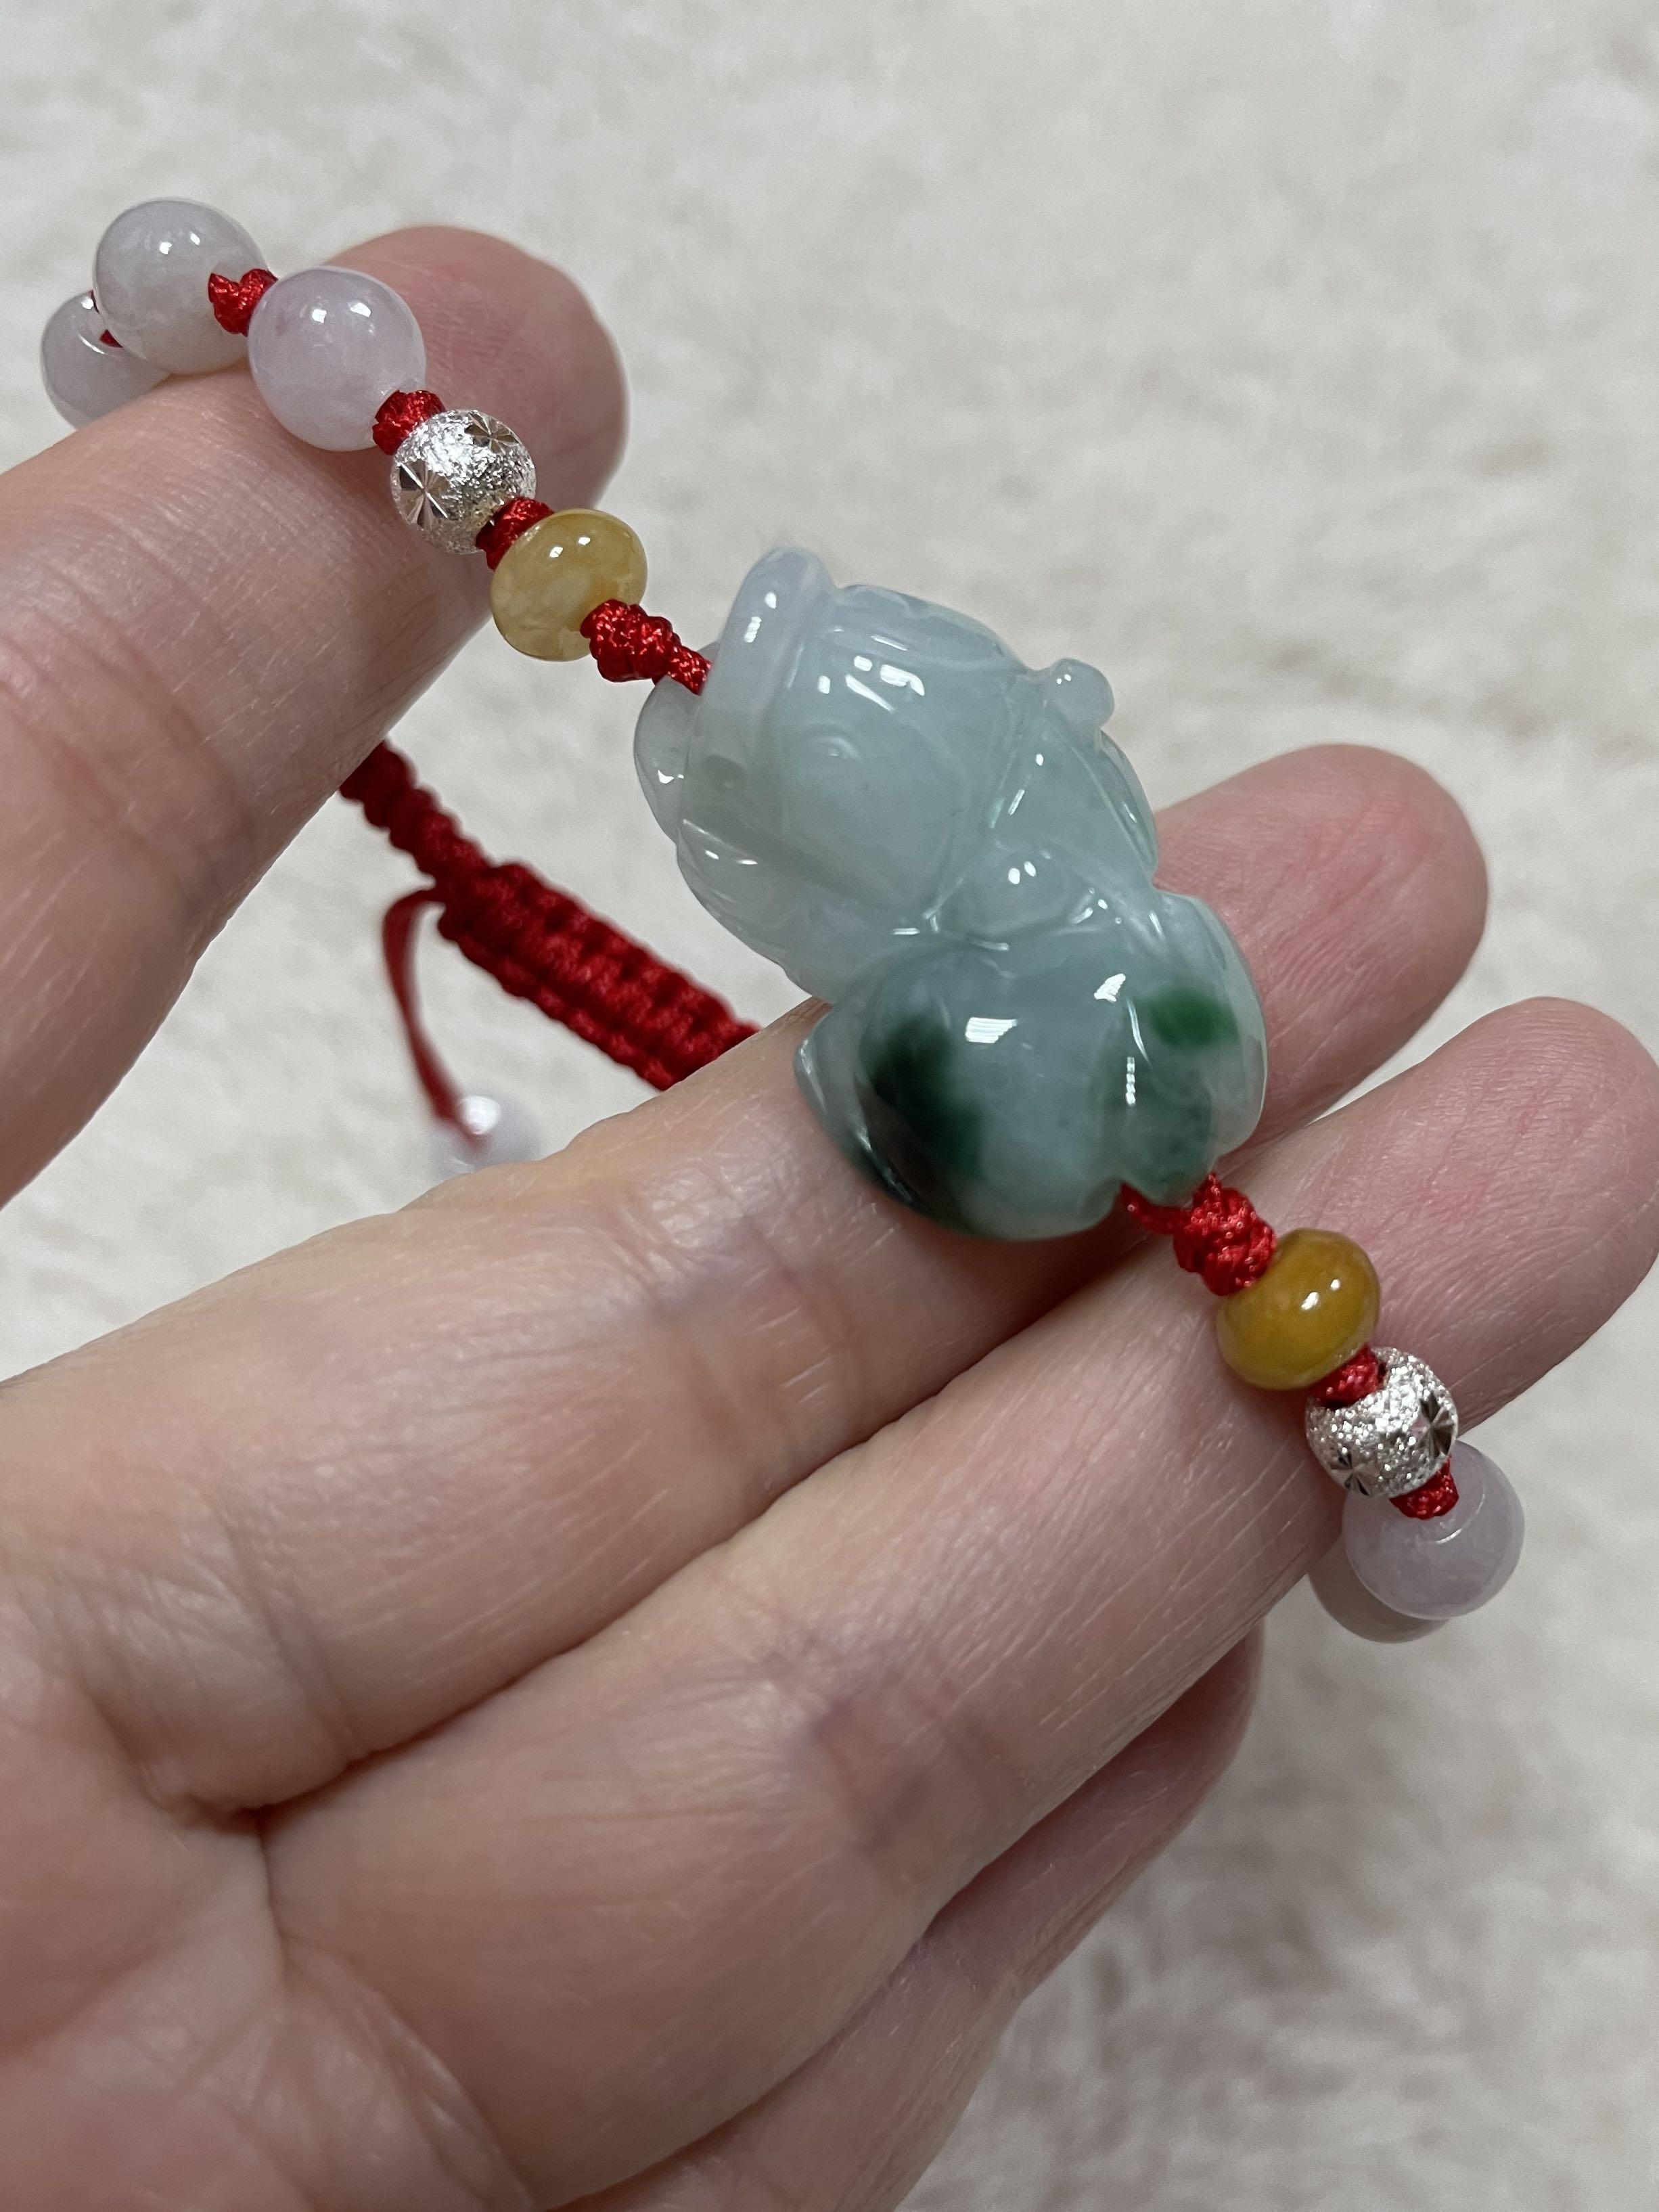 天然翡翠緬甸玉a貨糯冰種淡綠飄花招財貔貅手編繩、貔貅、緬甸玉、翡翠